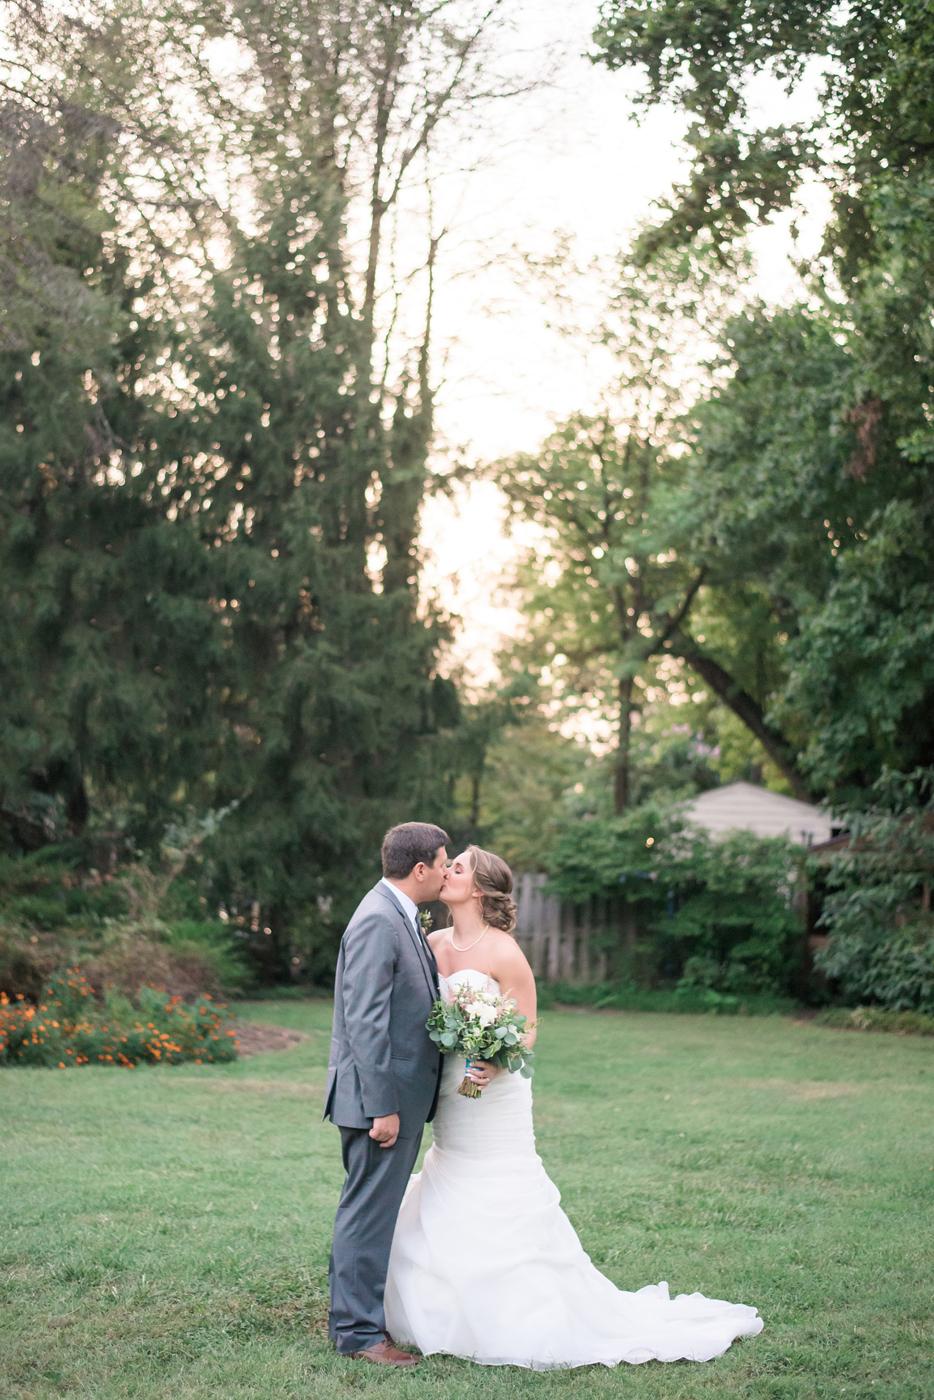 125-0583-jse-wedding-baltimore-4976